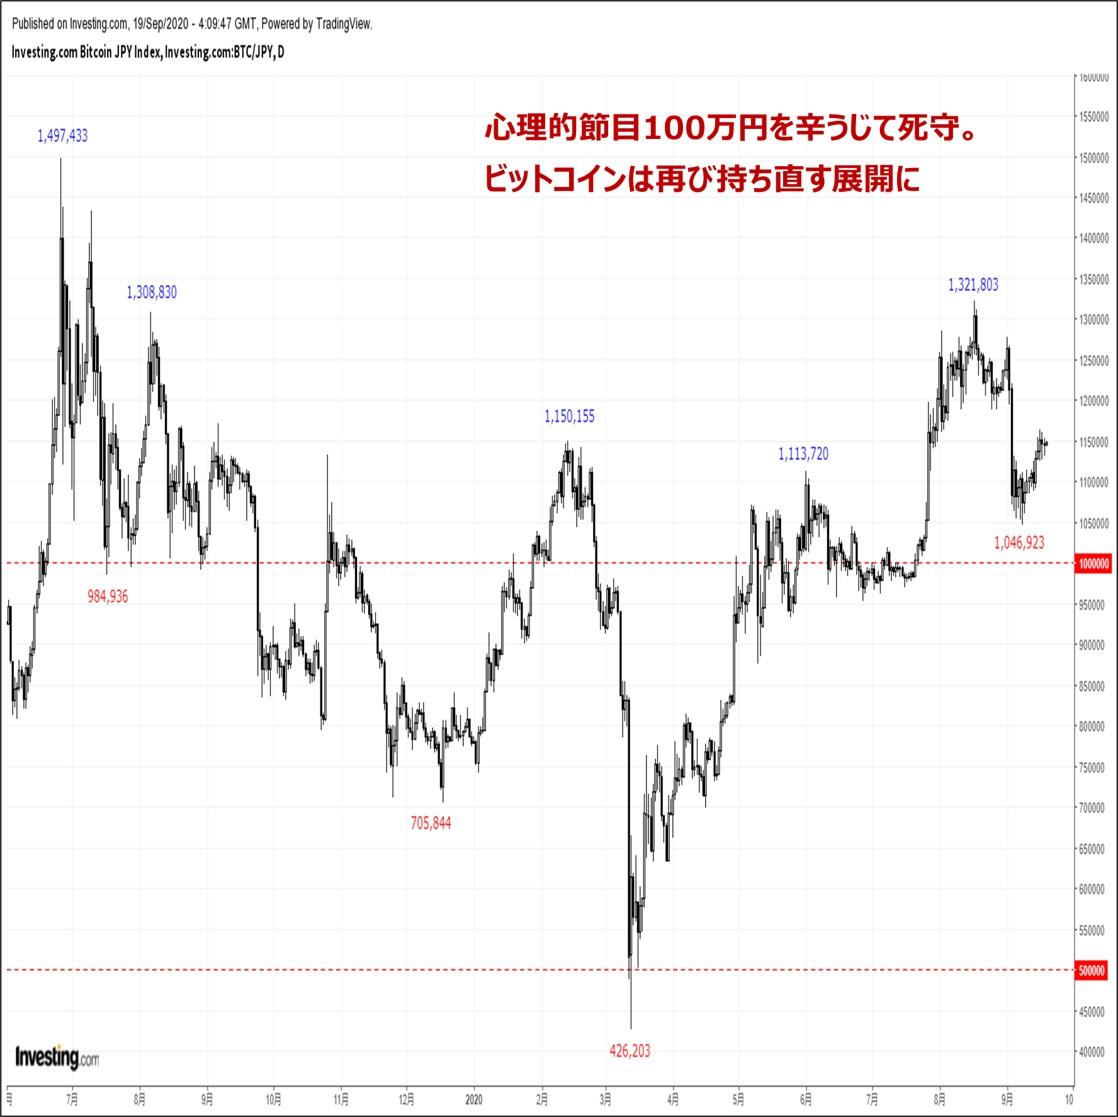 ビットコインの価格分析:『FOMCを通過し再び反発。来週は巨額オプションカットに注目』(9/20)